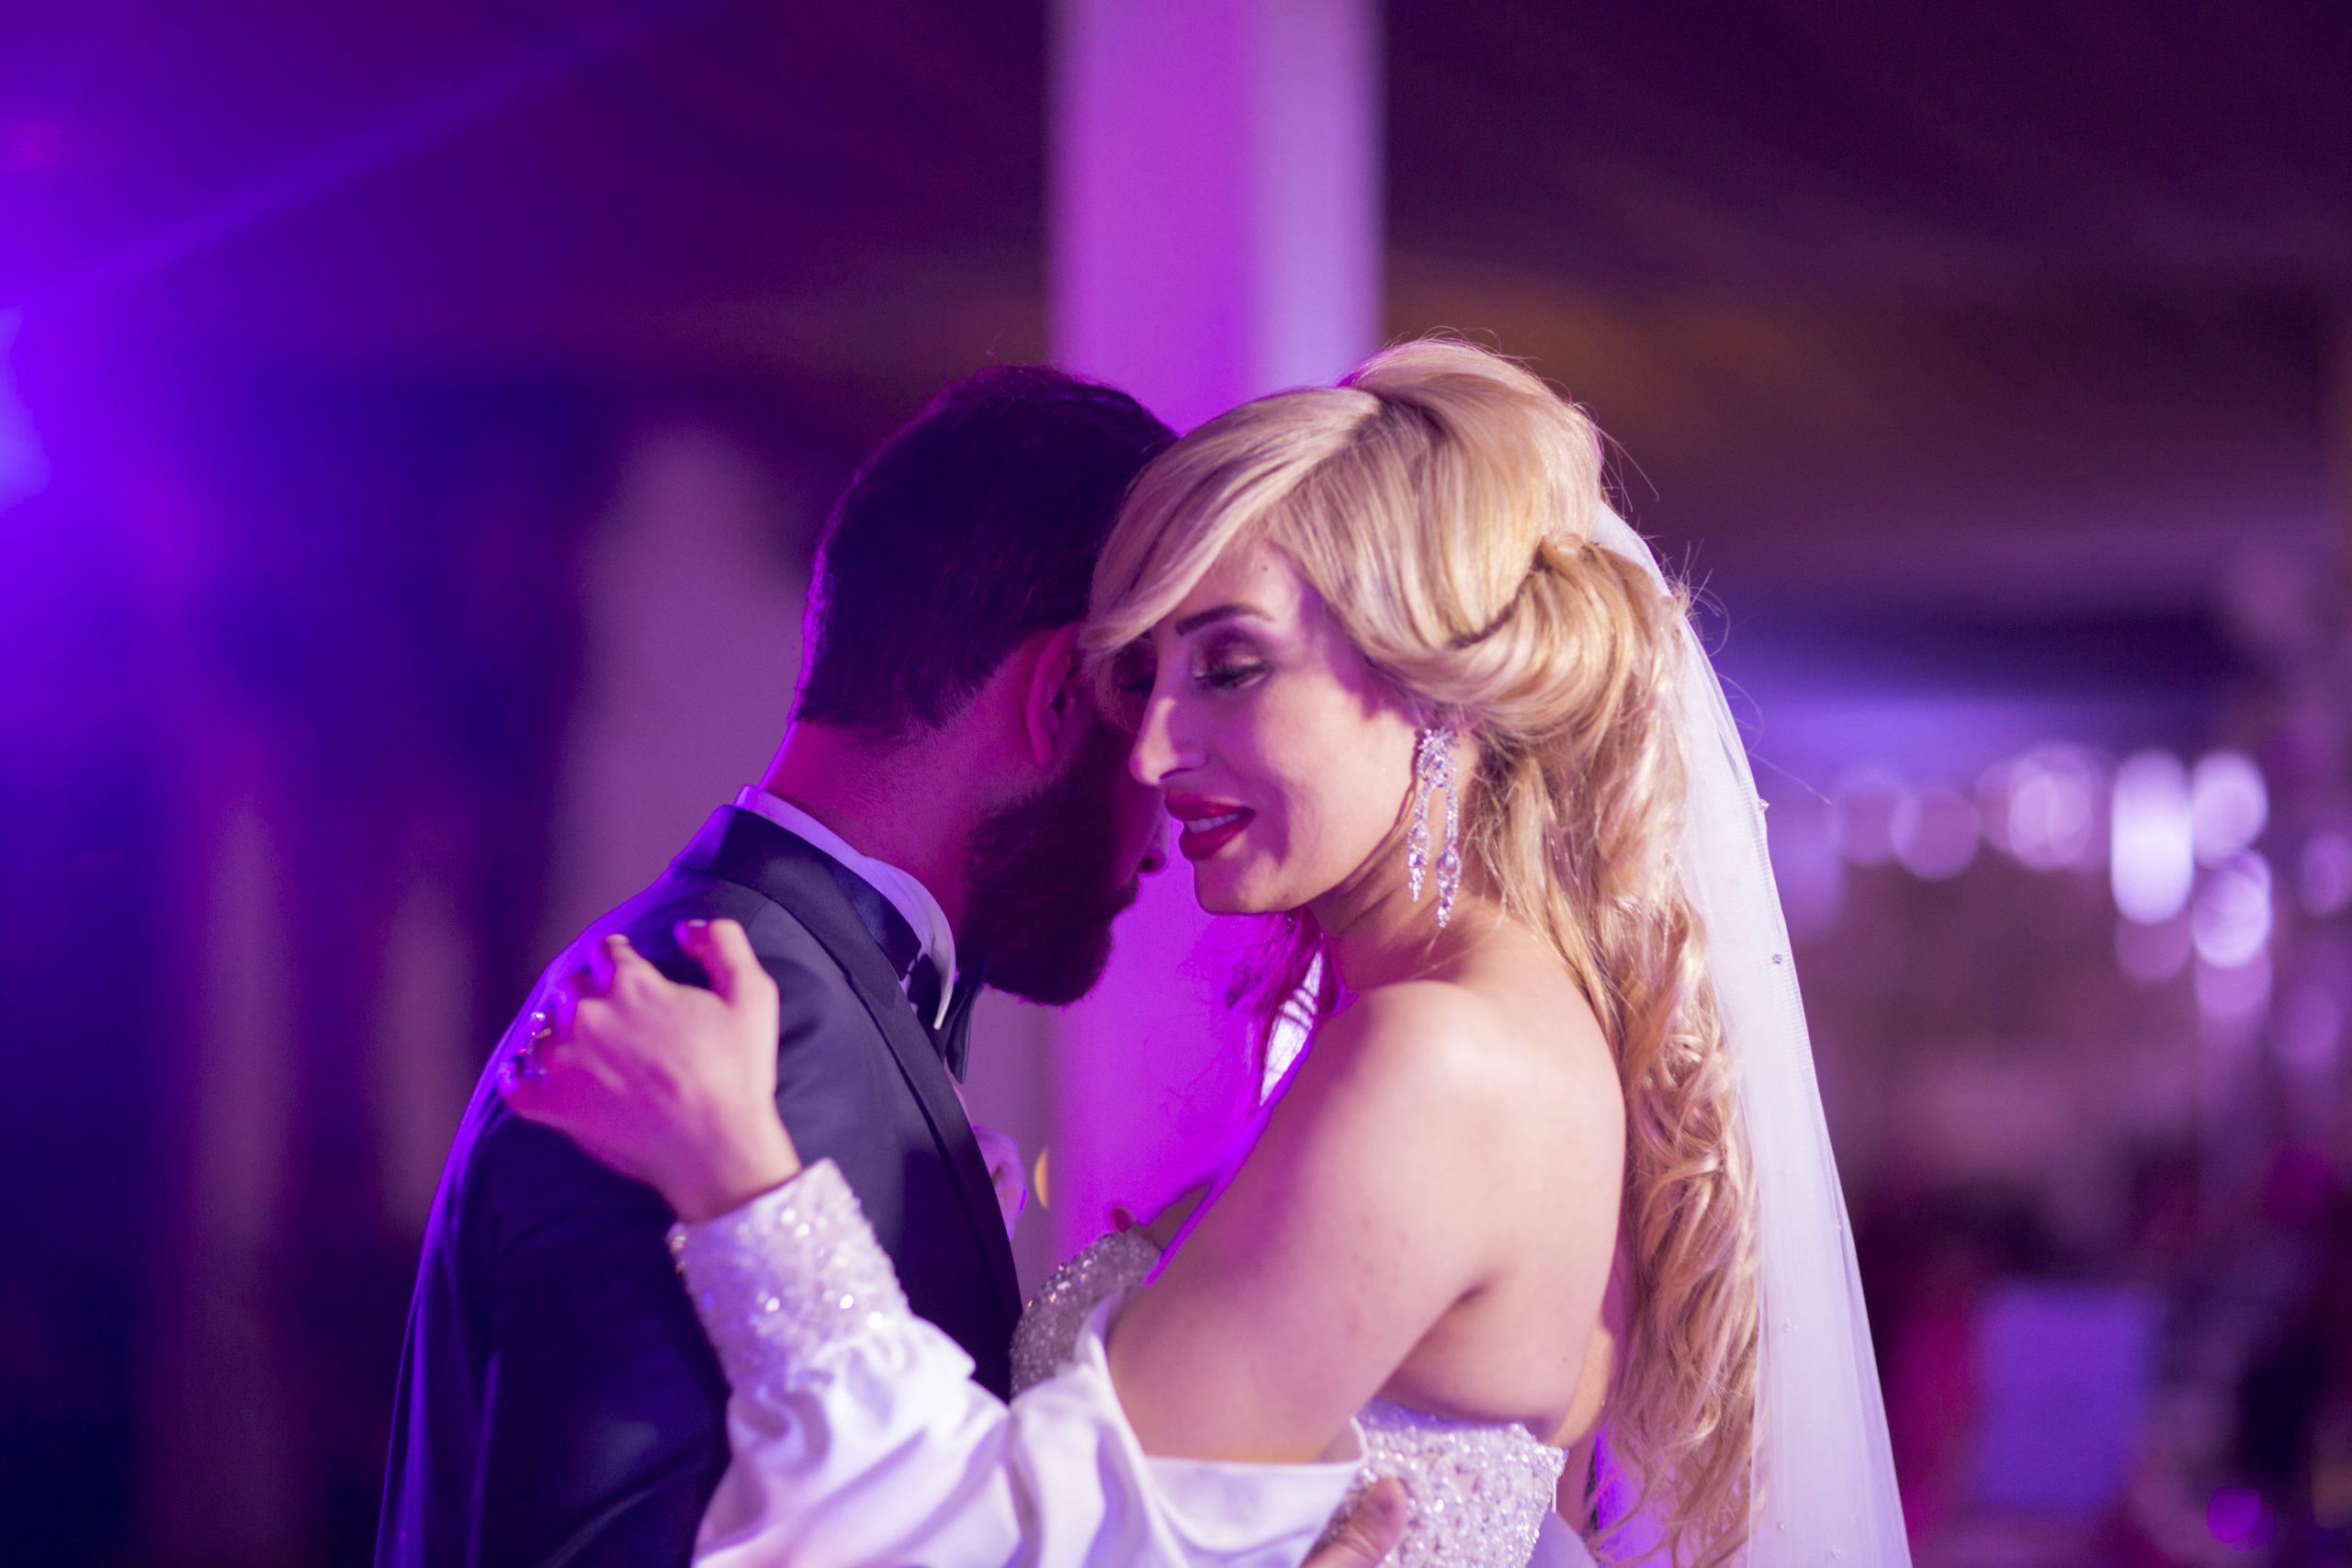 photographe-mariage-ile-de-france-ouverture-bal